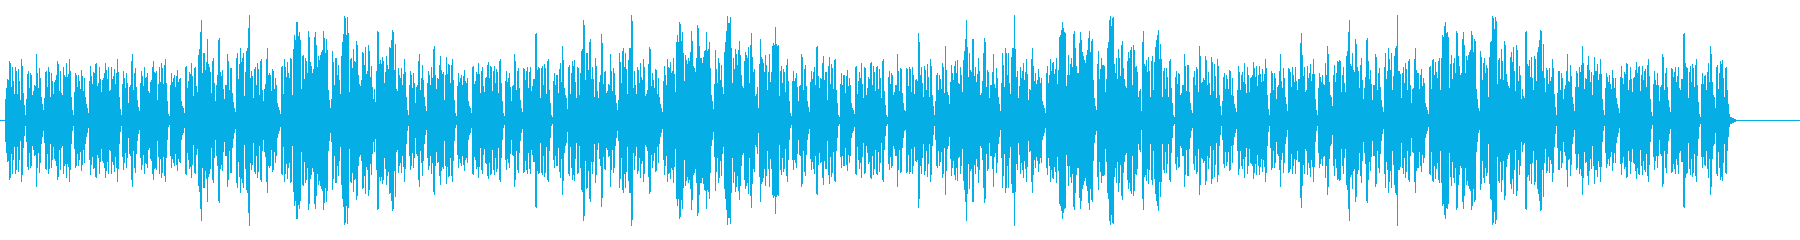 解説、説明の時の話を邪魔しないBGMの再生済みの波形